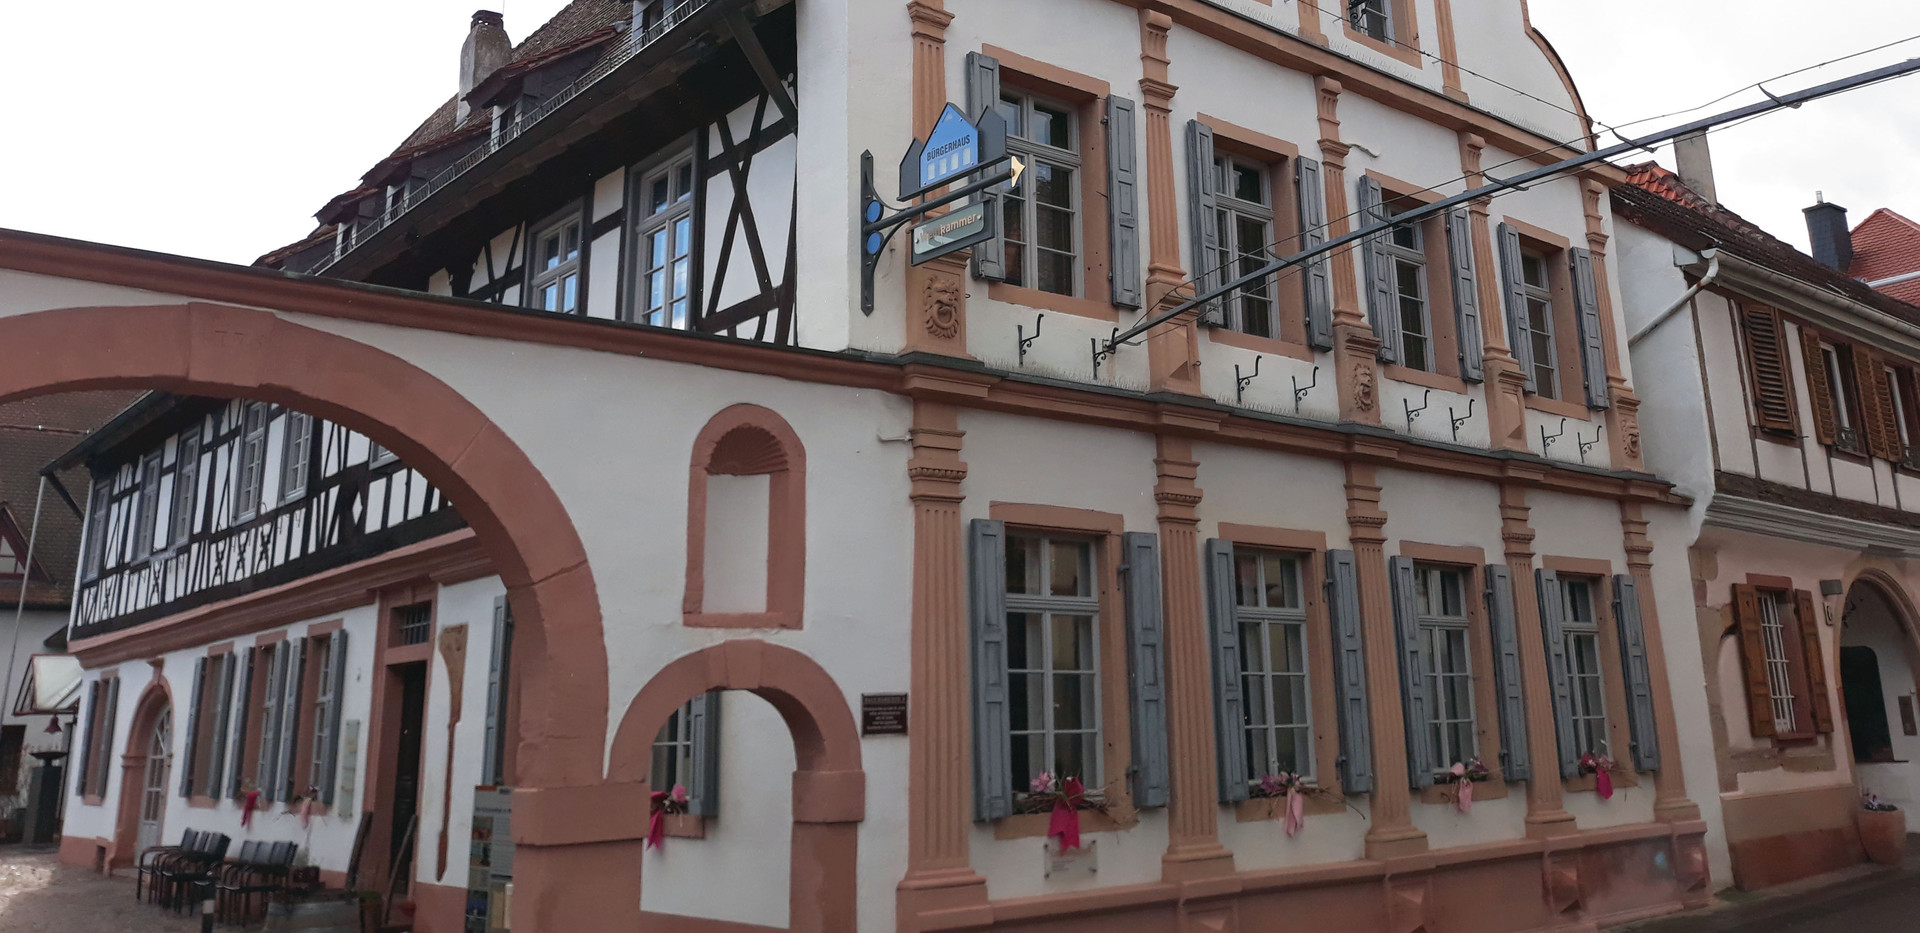 Haus Rassiga Maikammer2.jpg